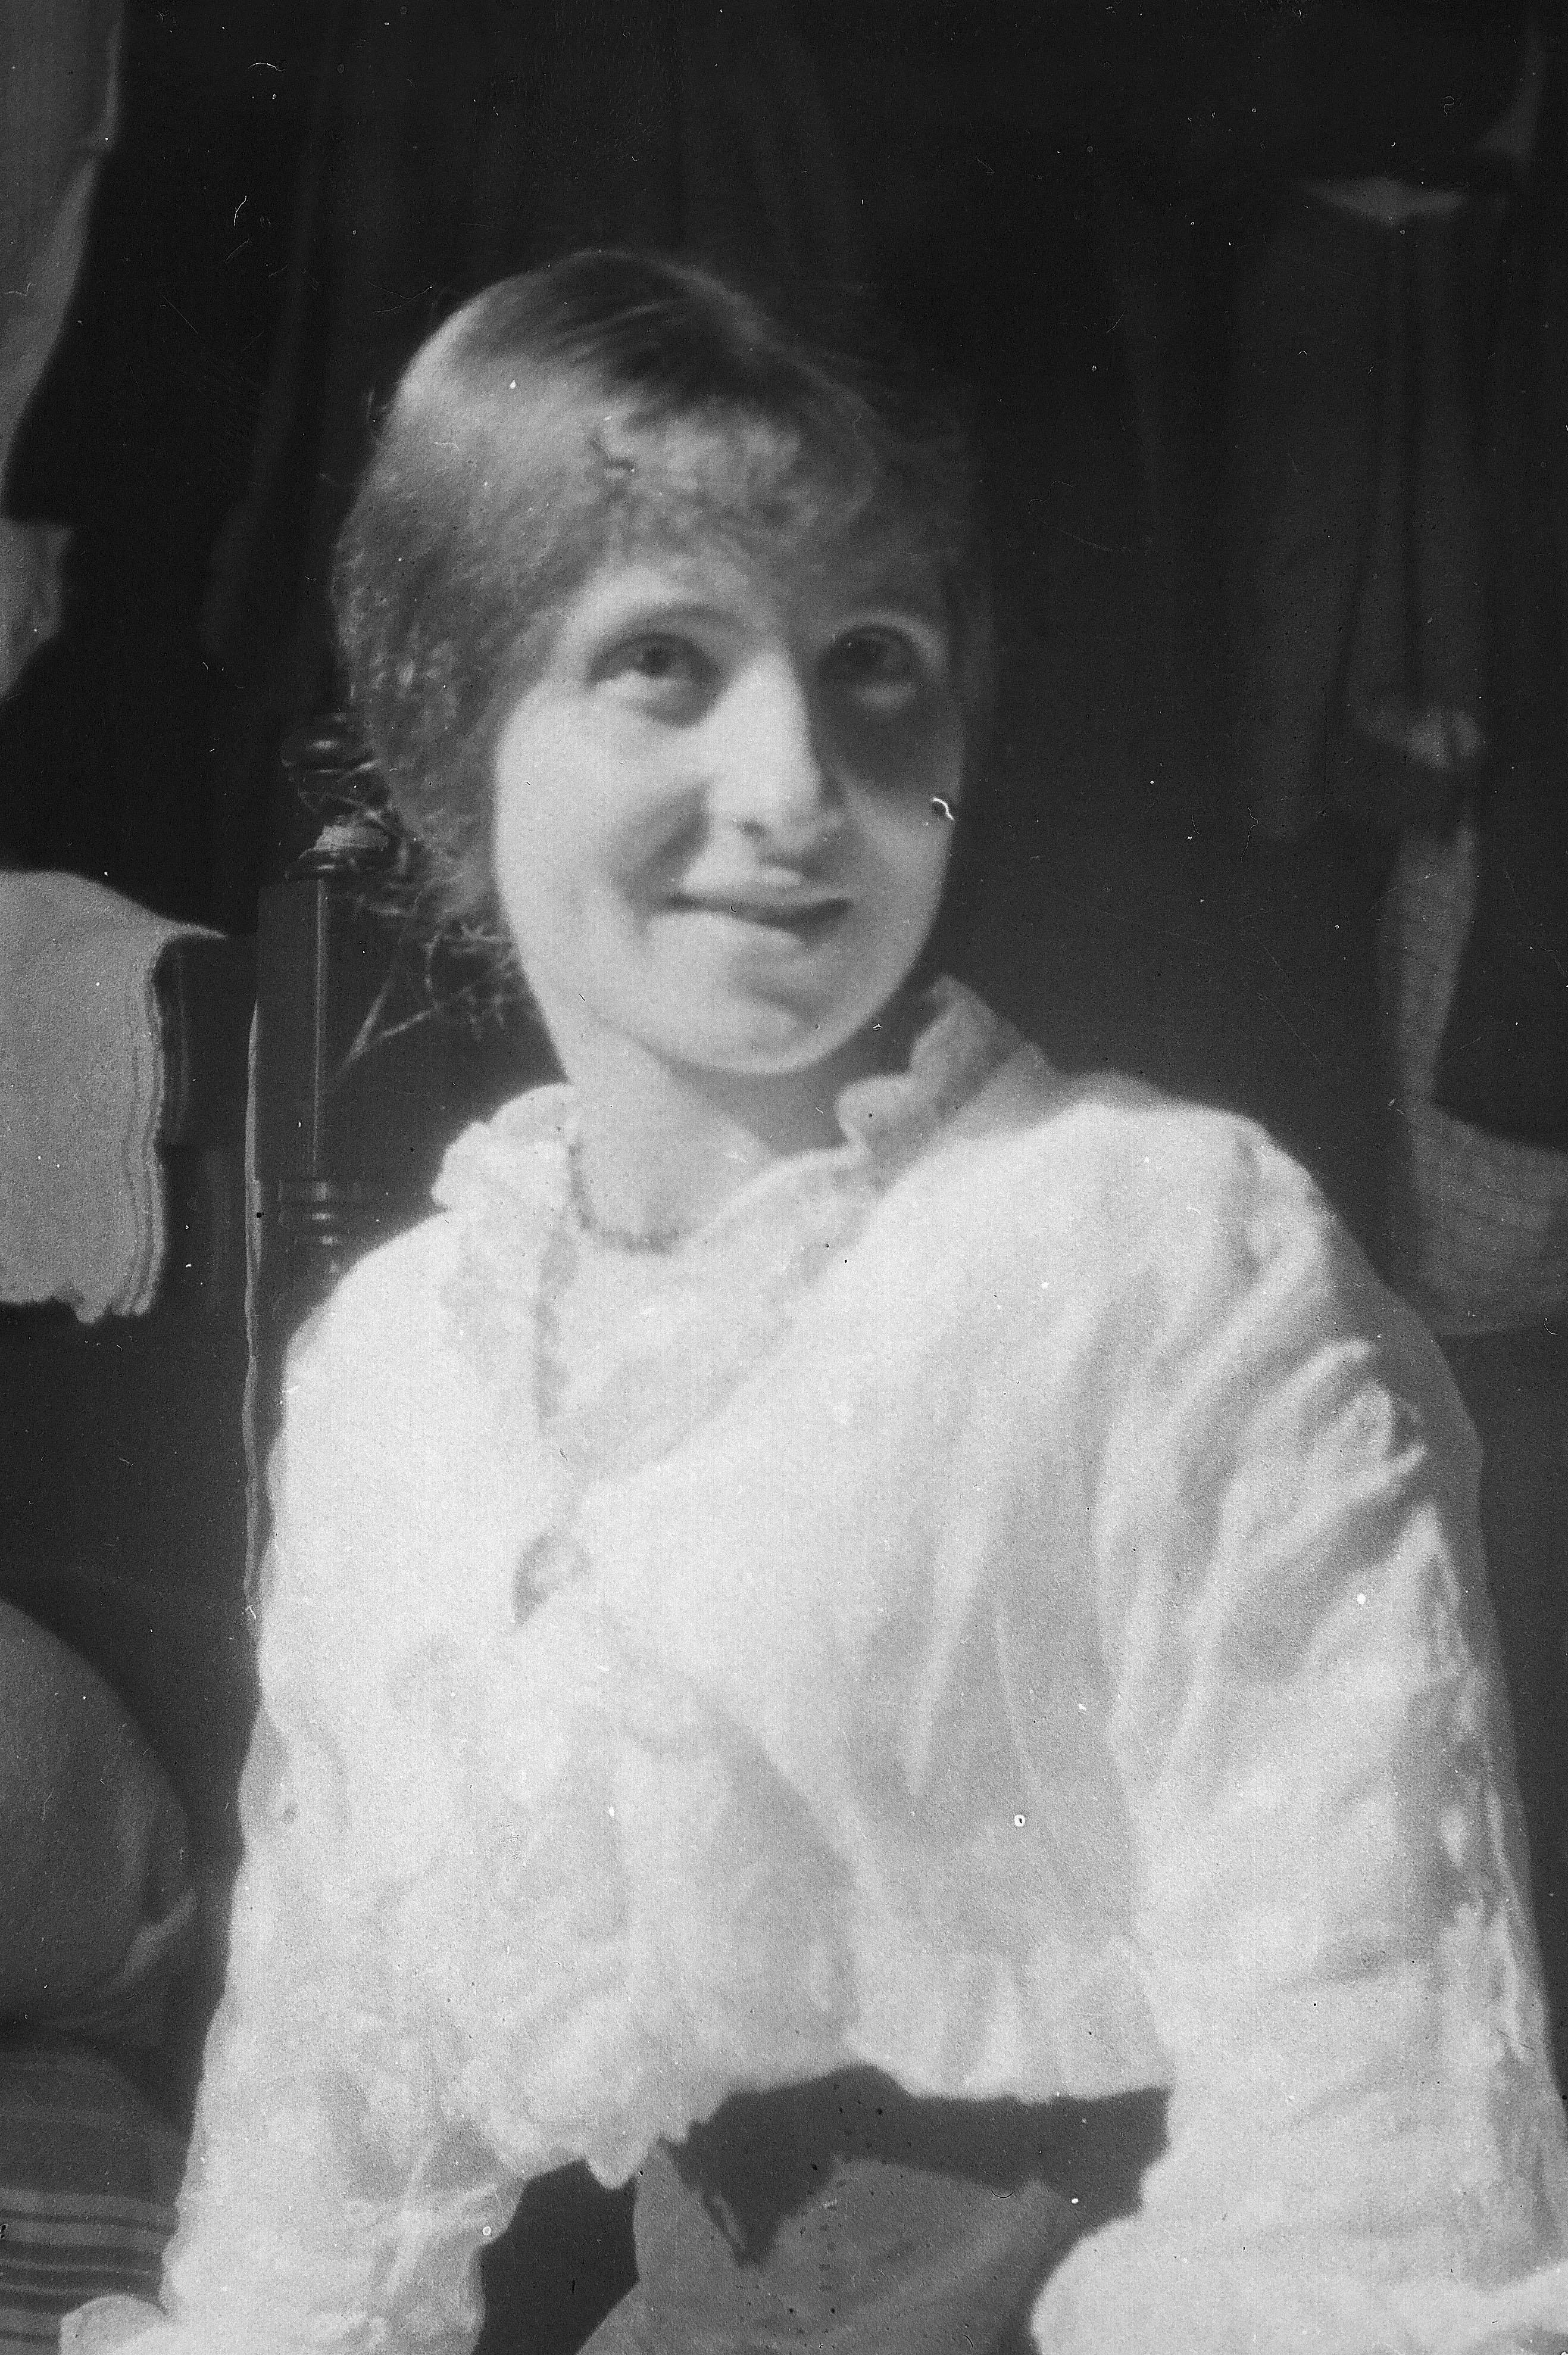 Lucie de Sousa Cardoso (1890-1984)